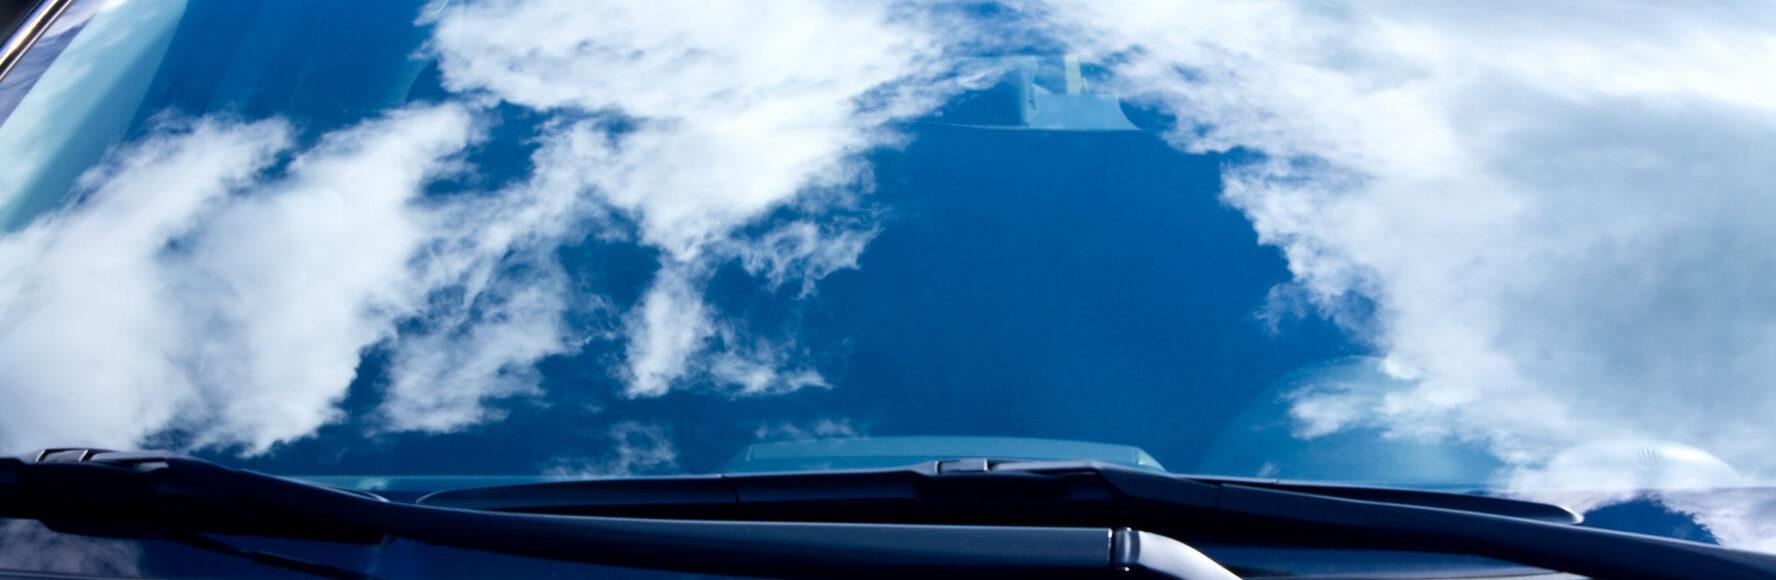 Полироли для автомобильных стекол: какие бывают